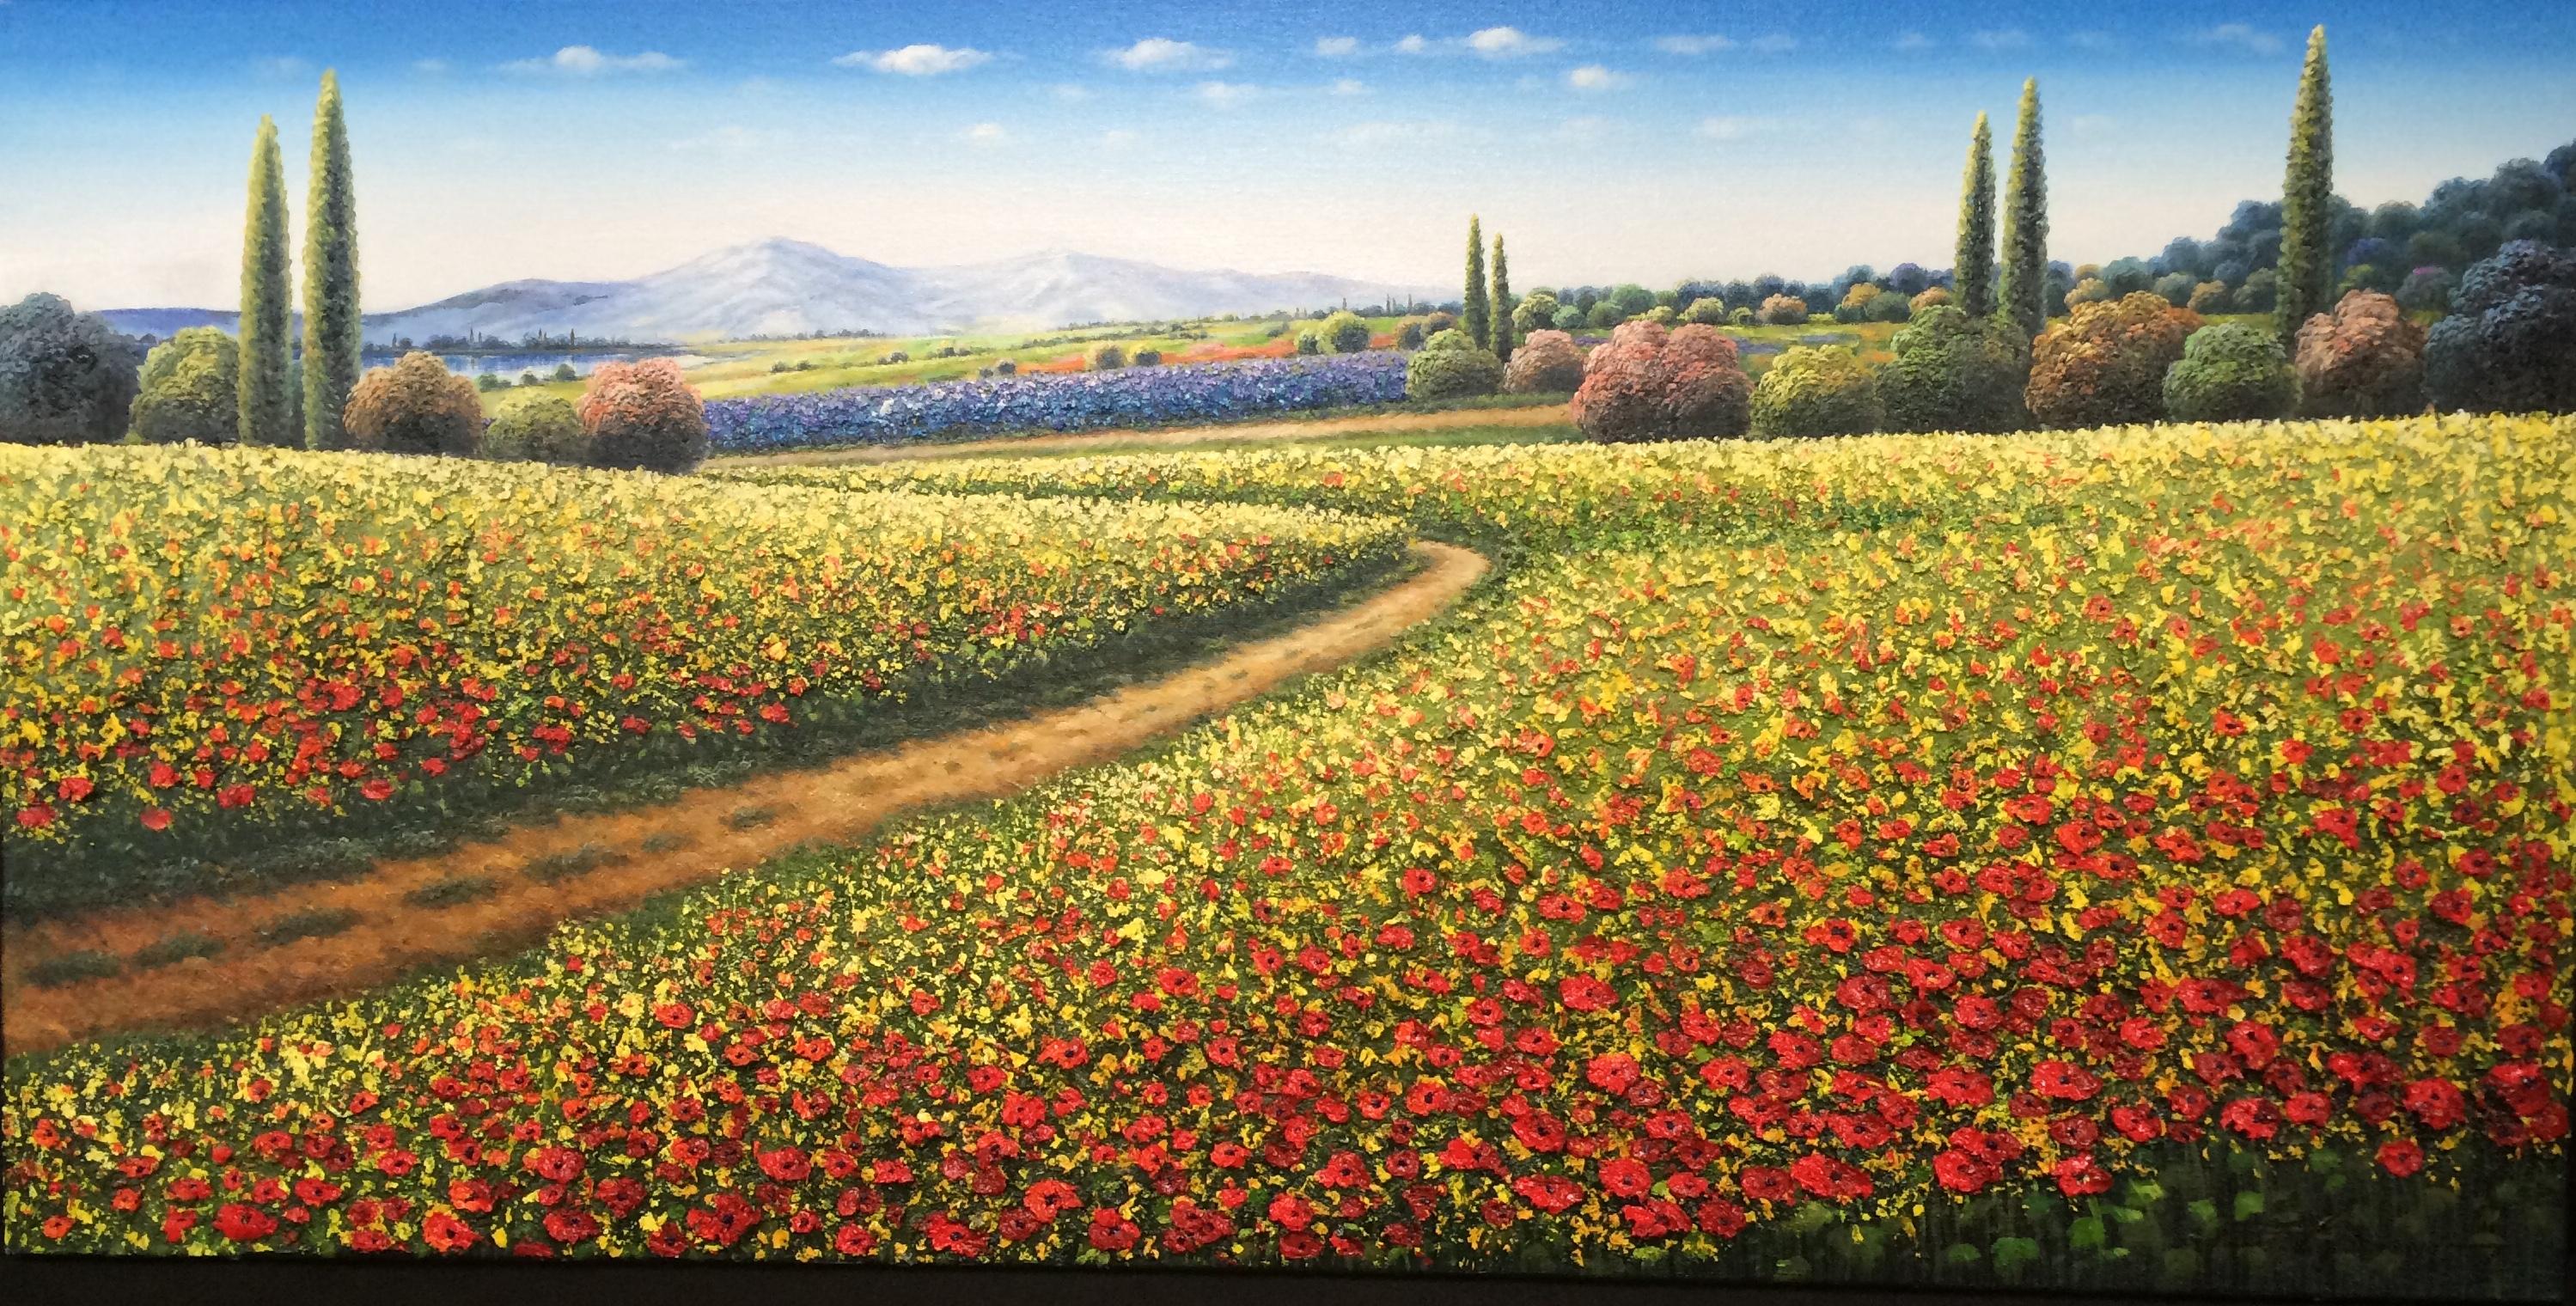 Along the Red Poppy Fields